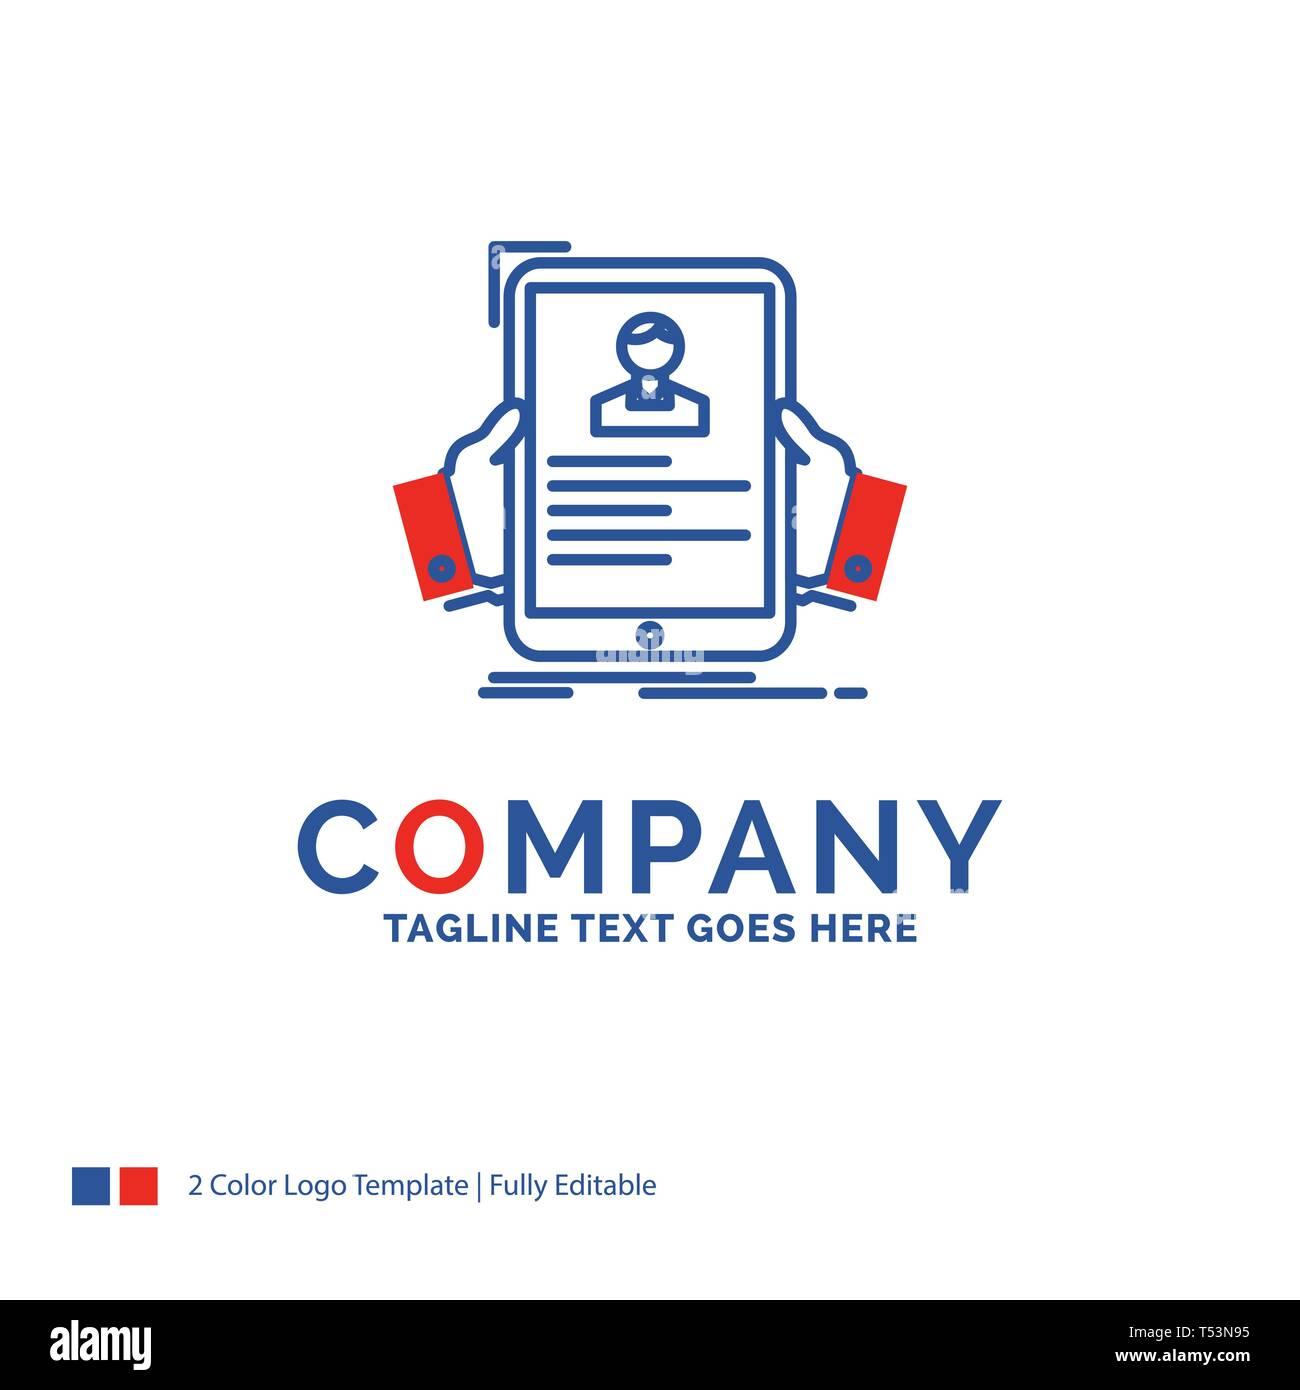 hiring employee flat design select stock photos  u0026 hiring